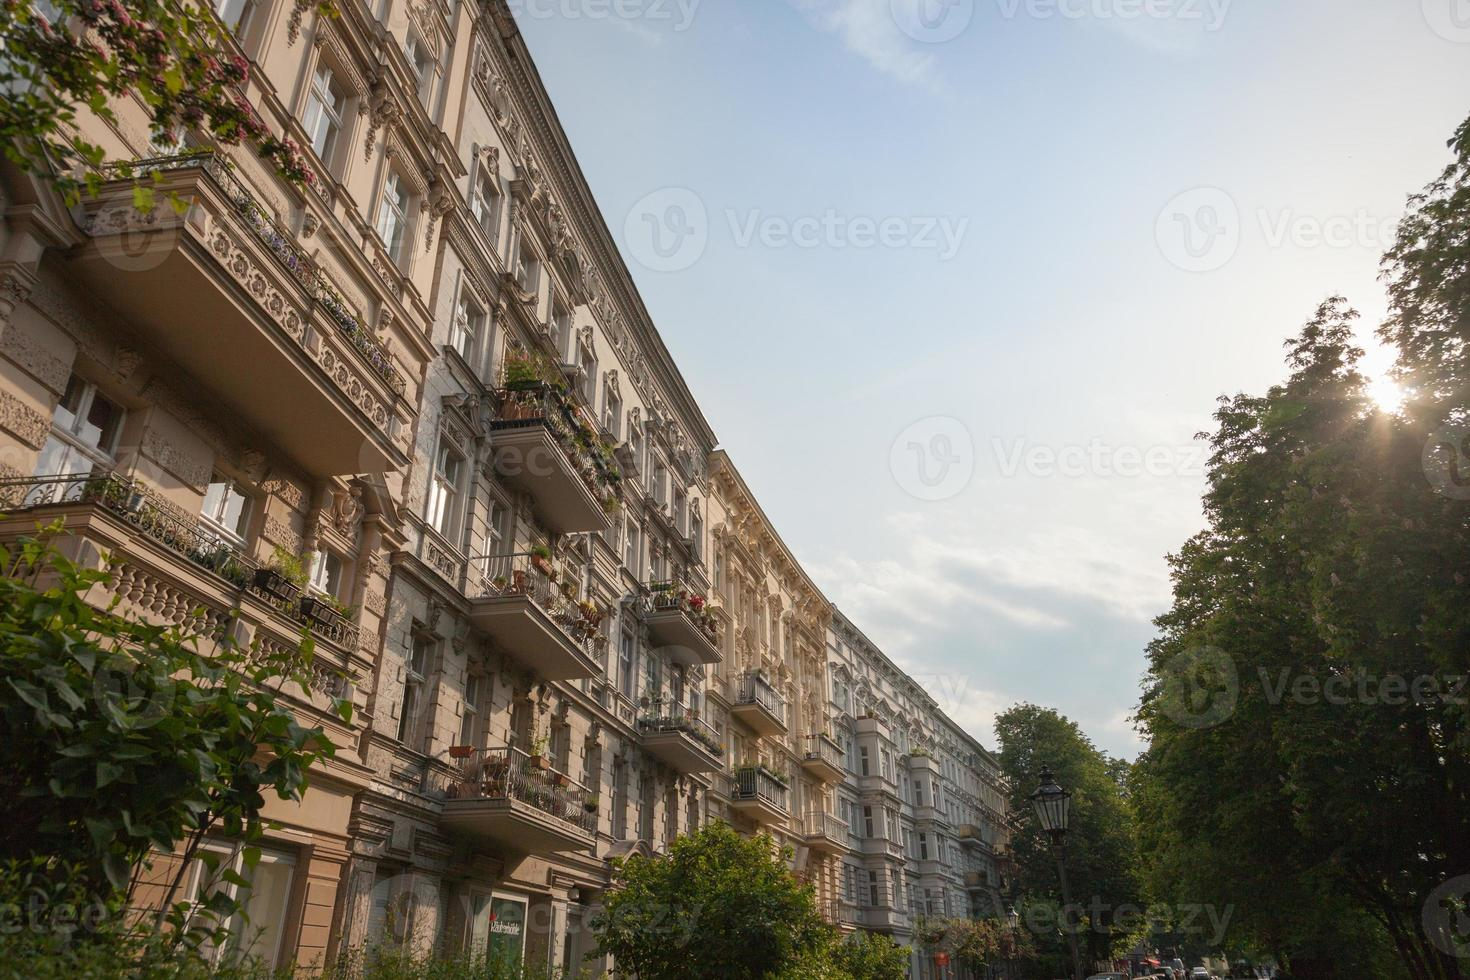 restaurierte Stuckfassaden in einer Stadt foto